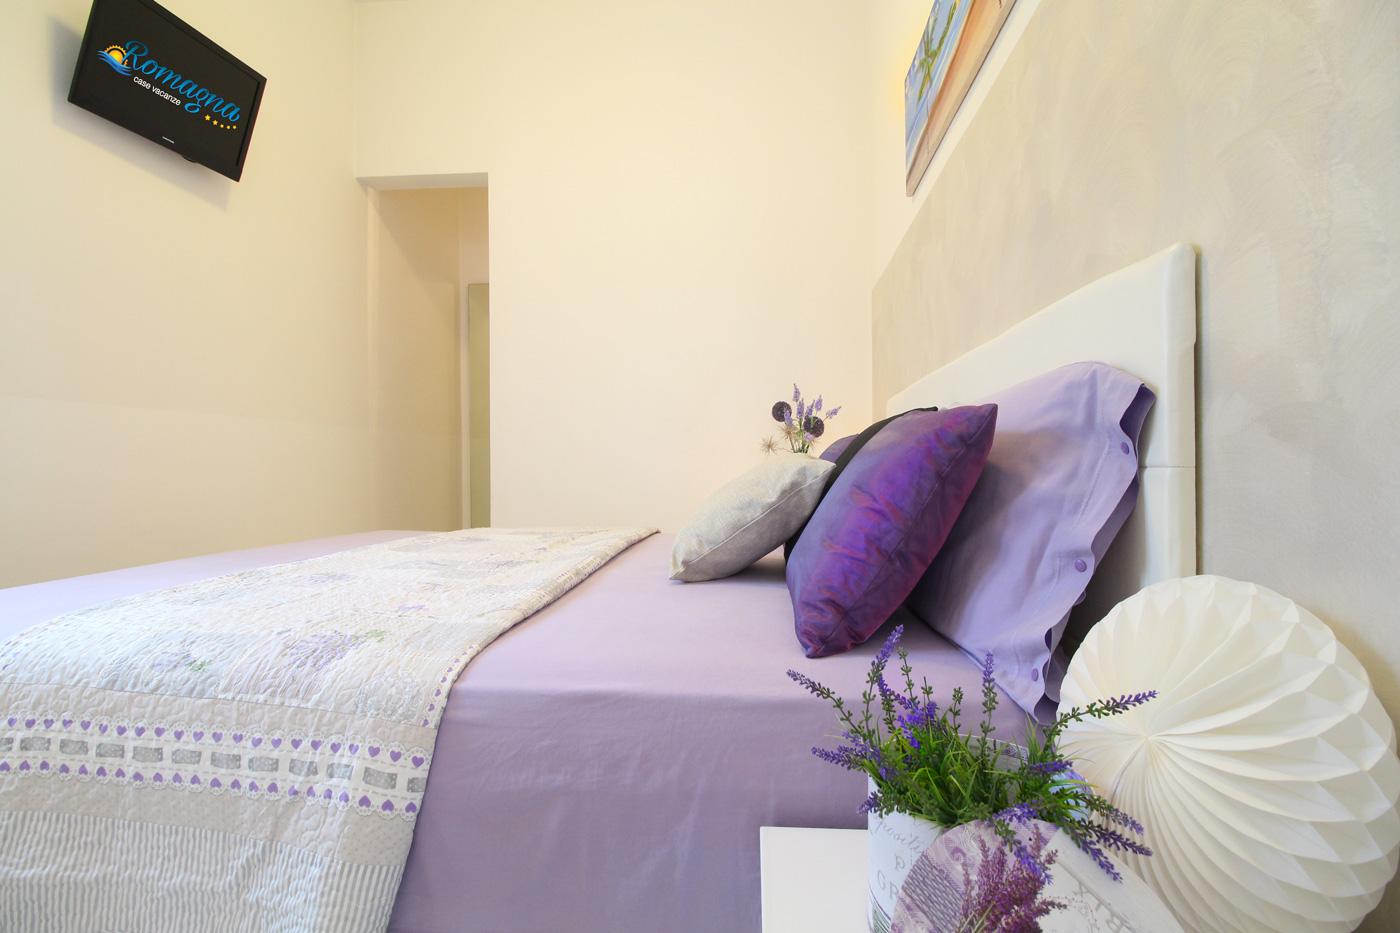 Appartamento la casina di gatteo_romagna case vacanze_IMG_8178